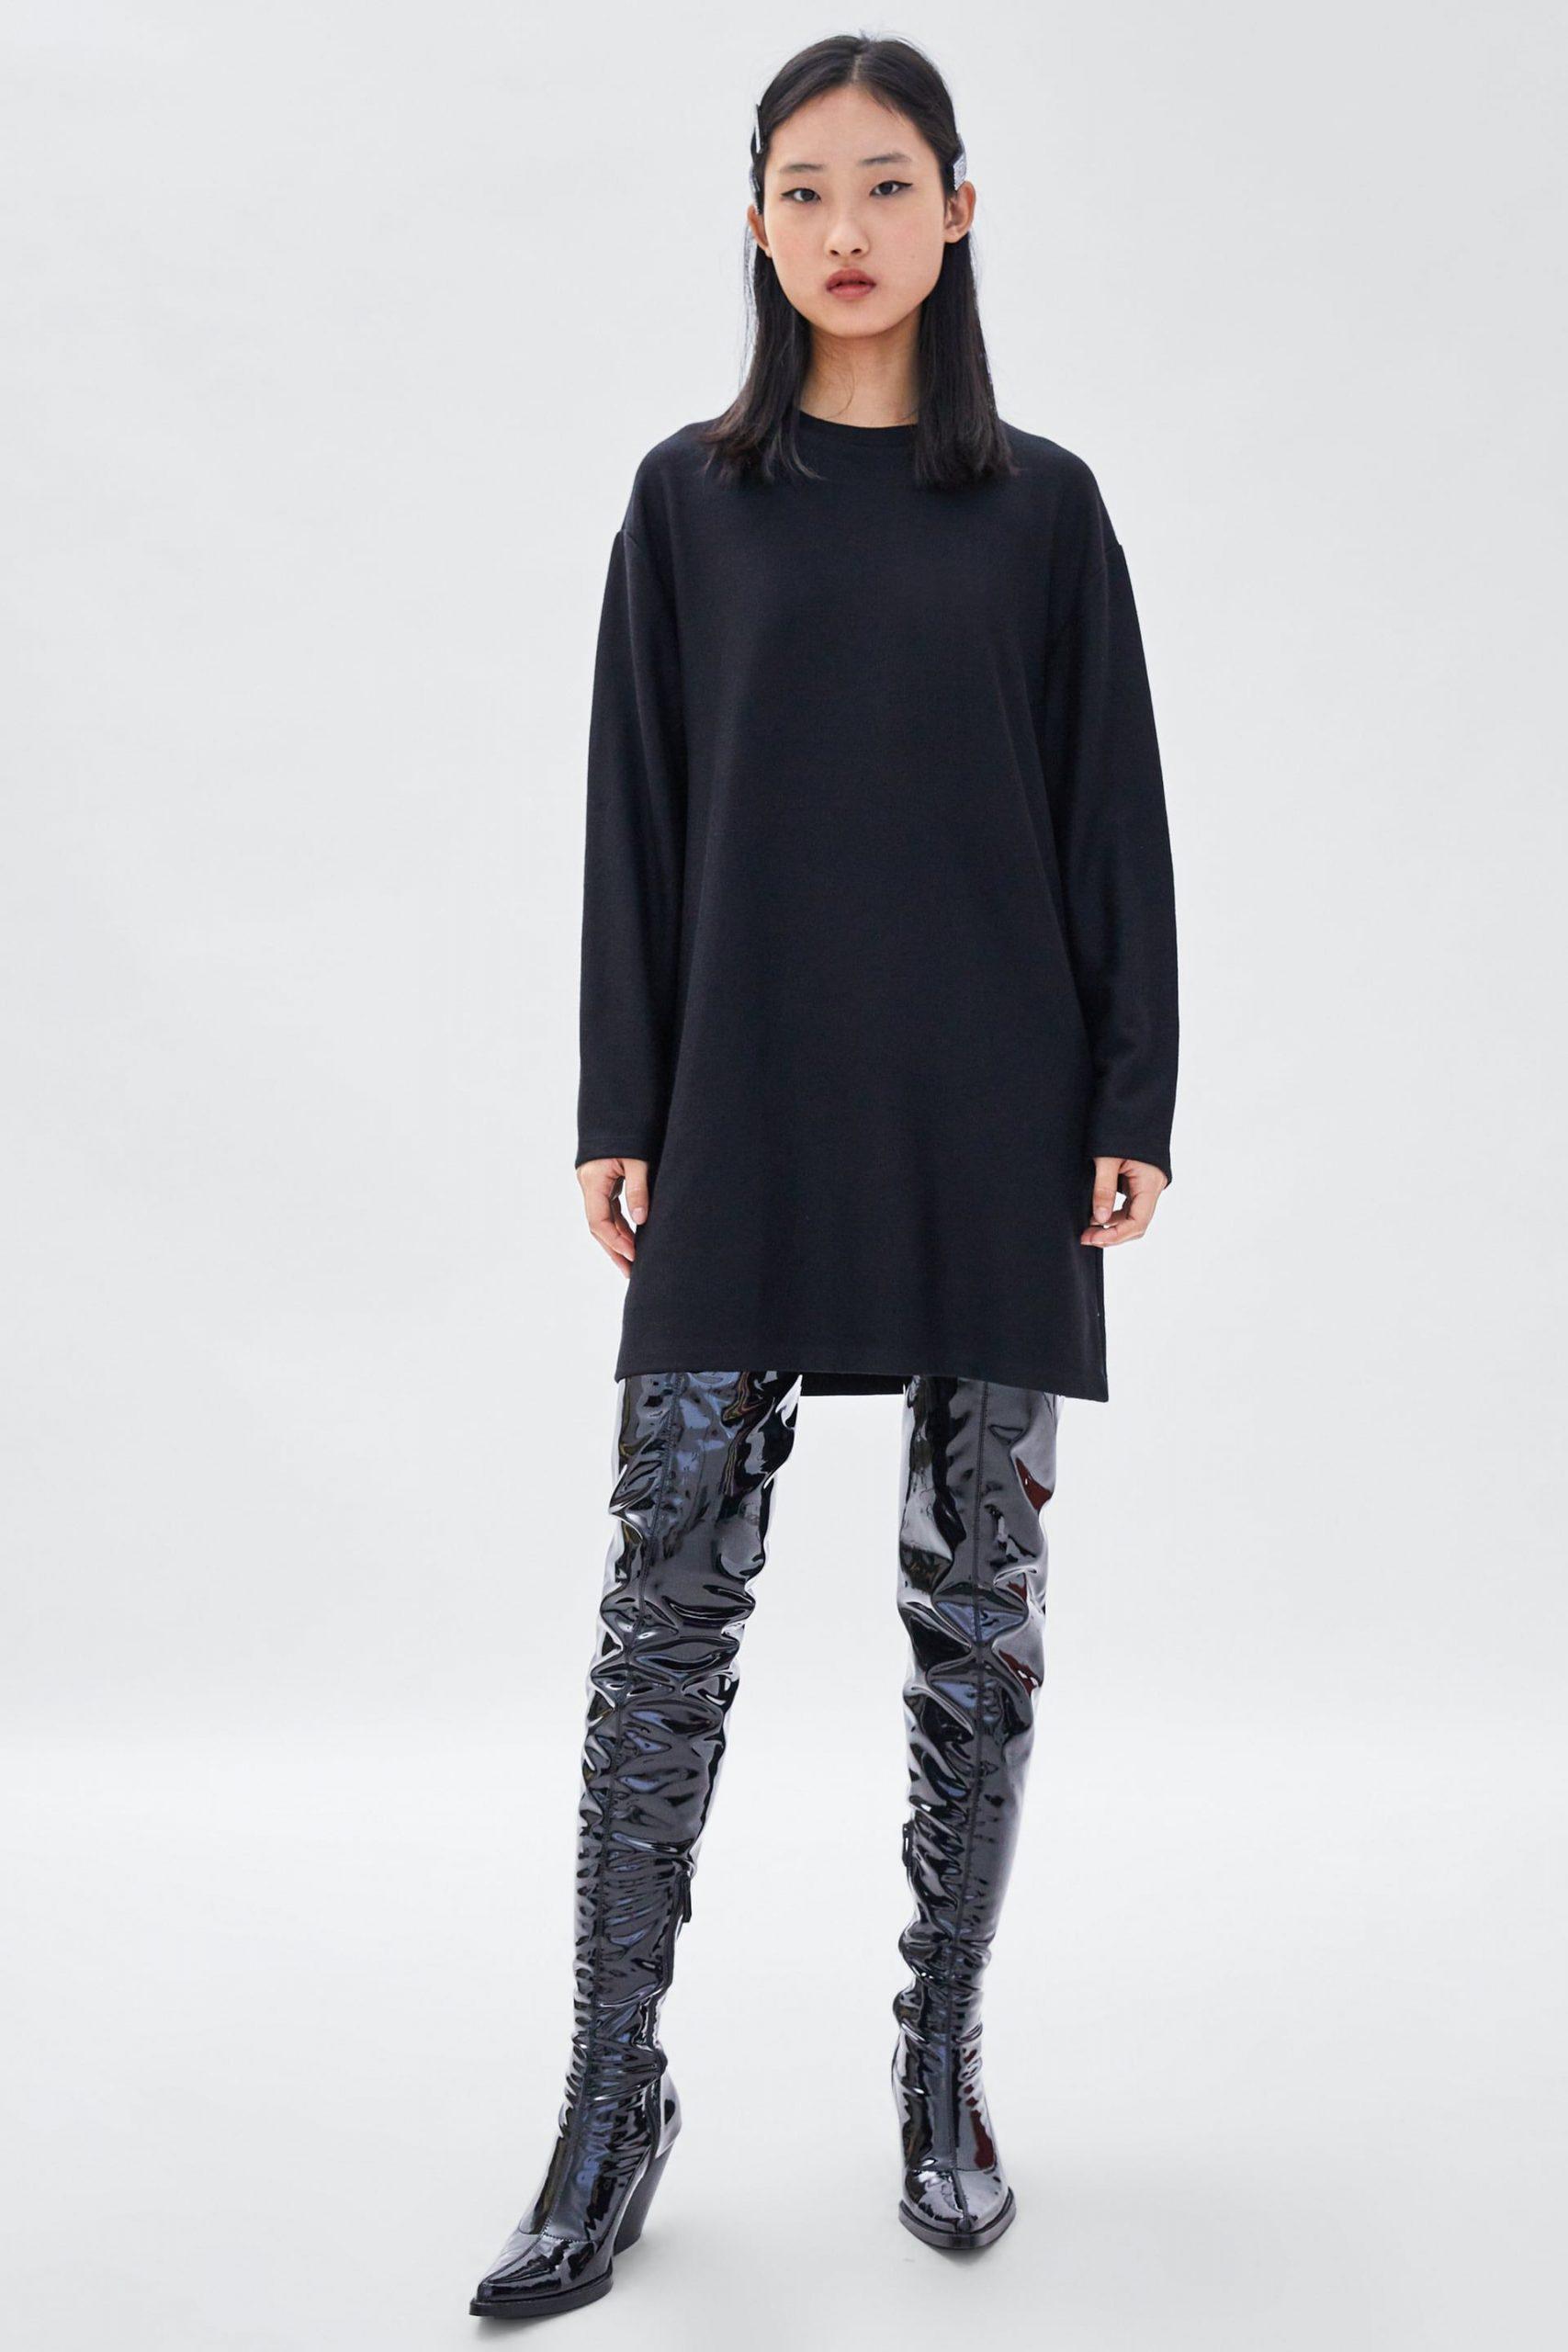 Spektakulär Abendkleider Bei Zara Design15 Leicht Abendkleider Bei Zara Spezialgebiet